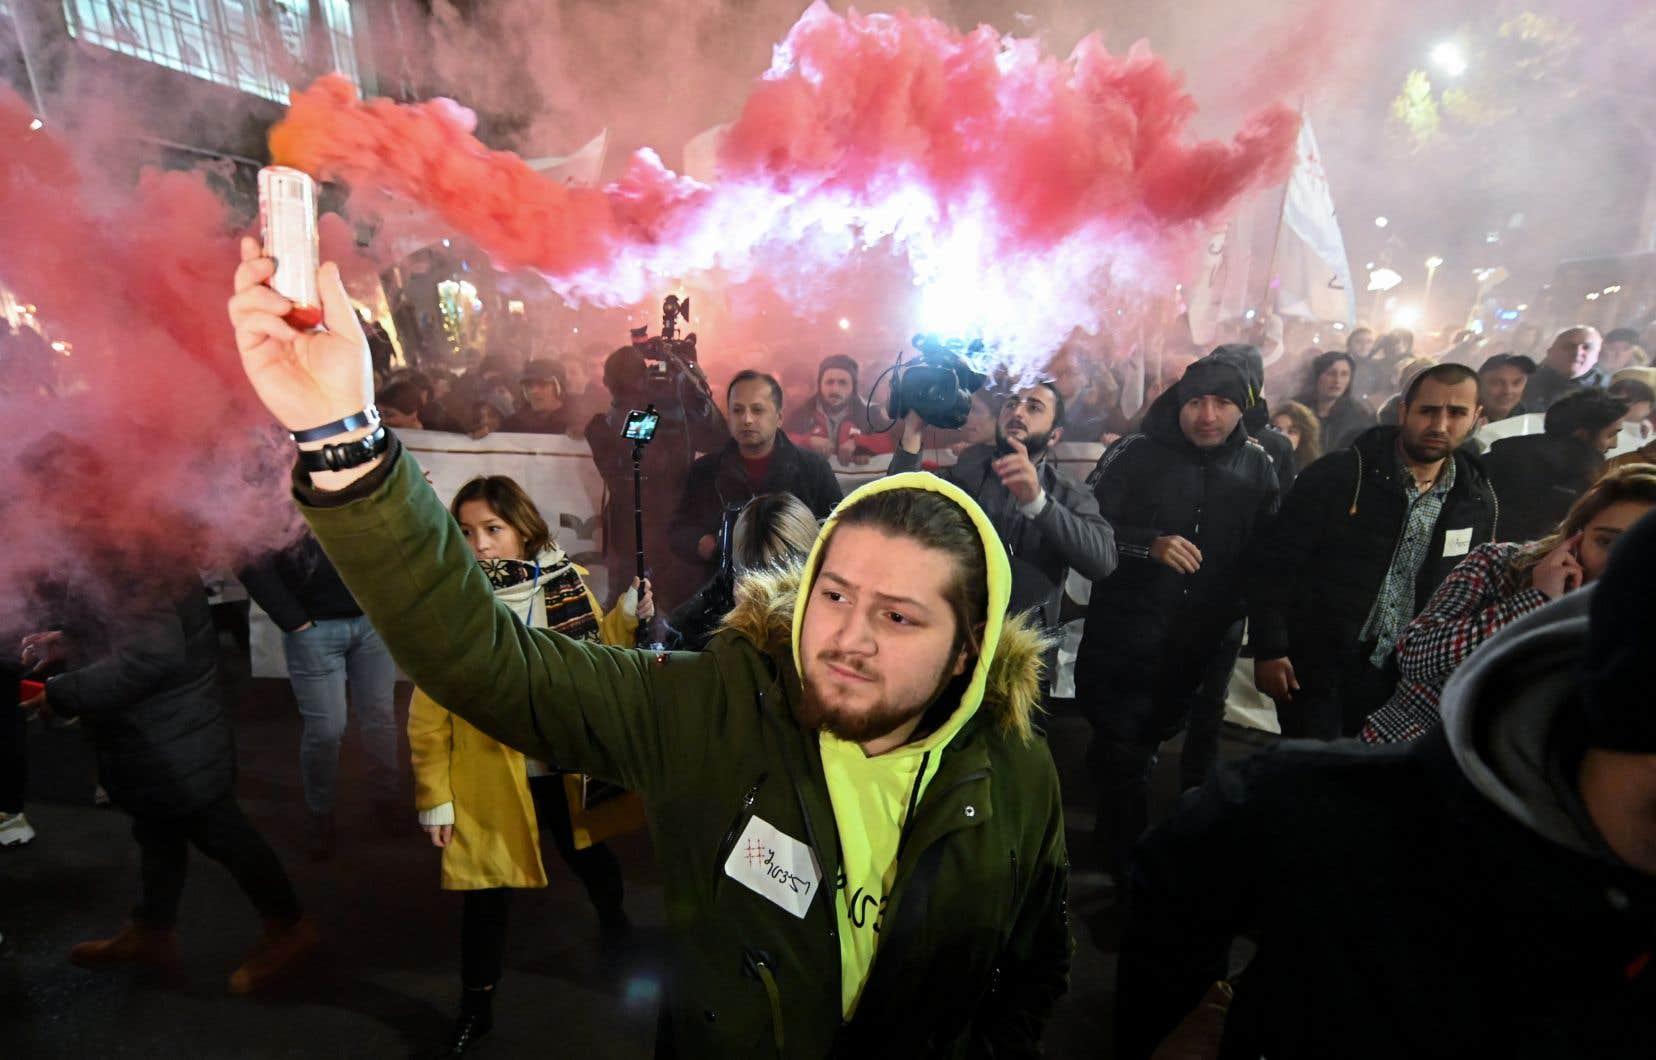 Des milliers de protestataires se réunissent depuis plusieurs semaines dans le centre de Tbilissi, la capitale du pays, pour réclamer la démission du gouvernement et des élections législatives anticipées.